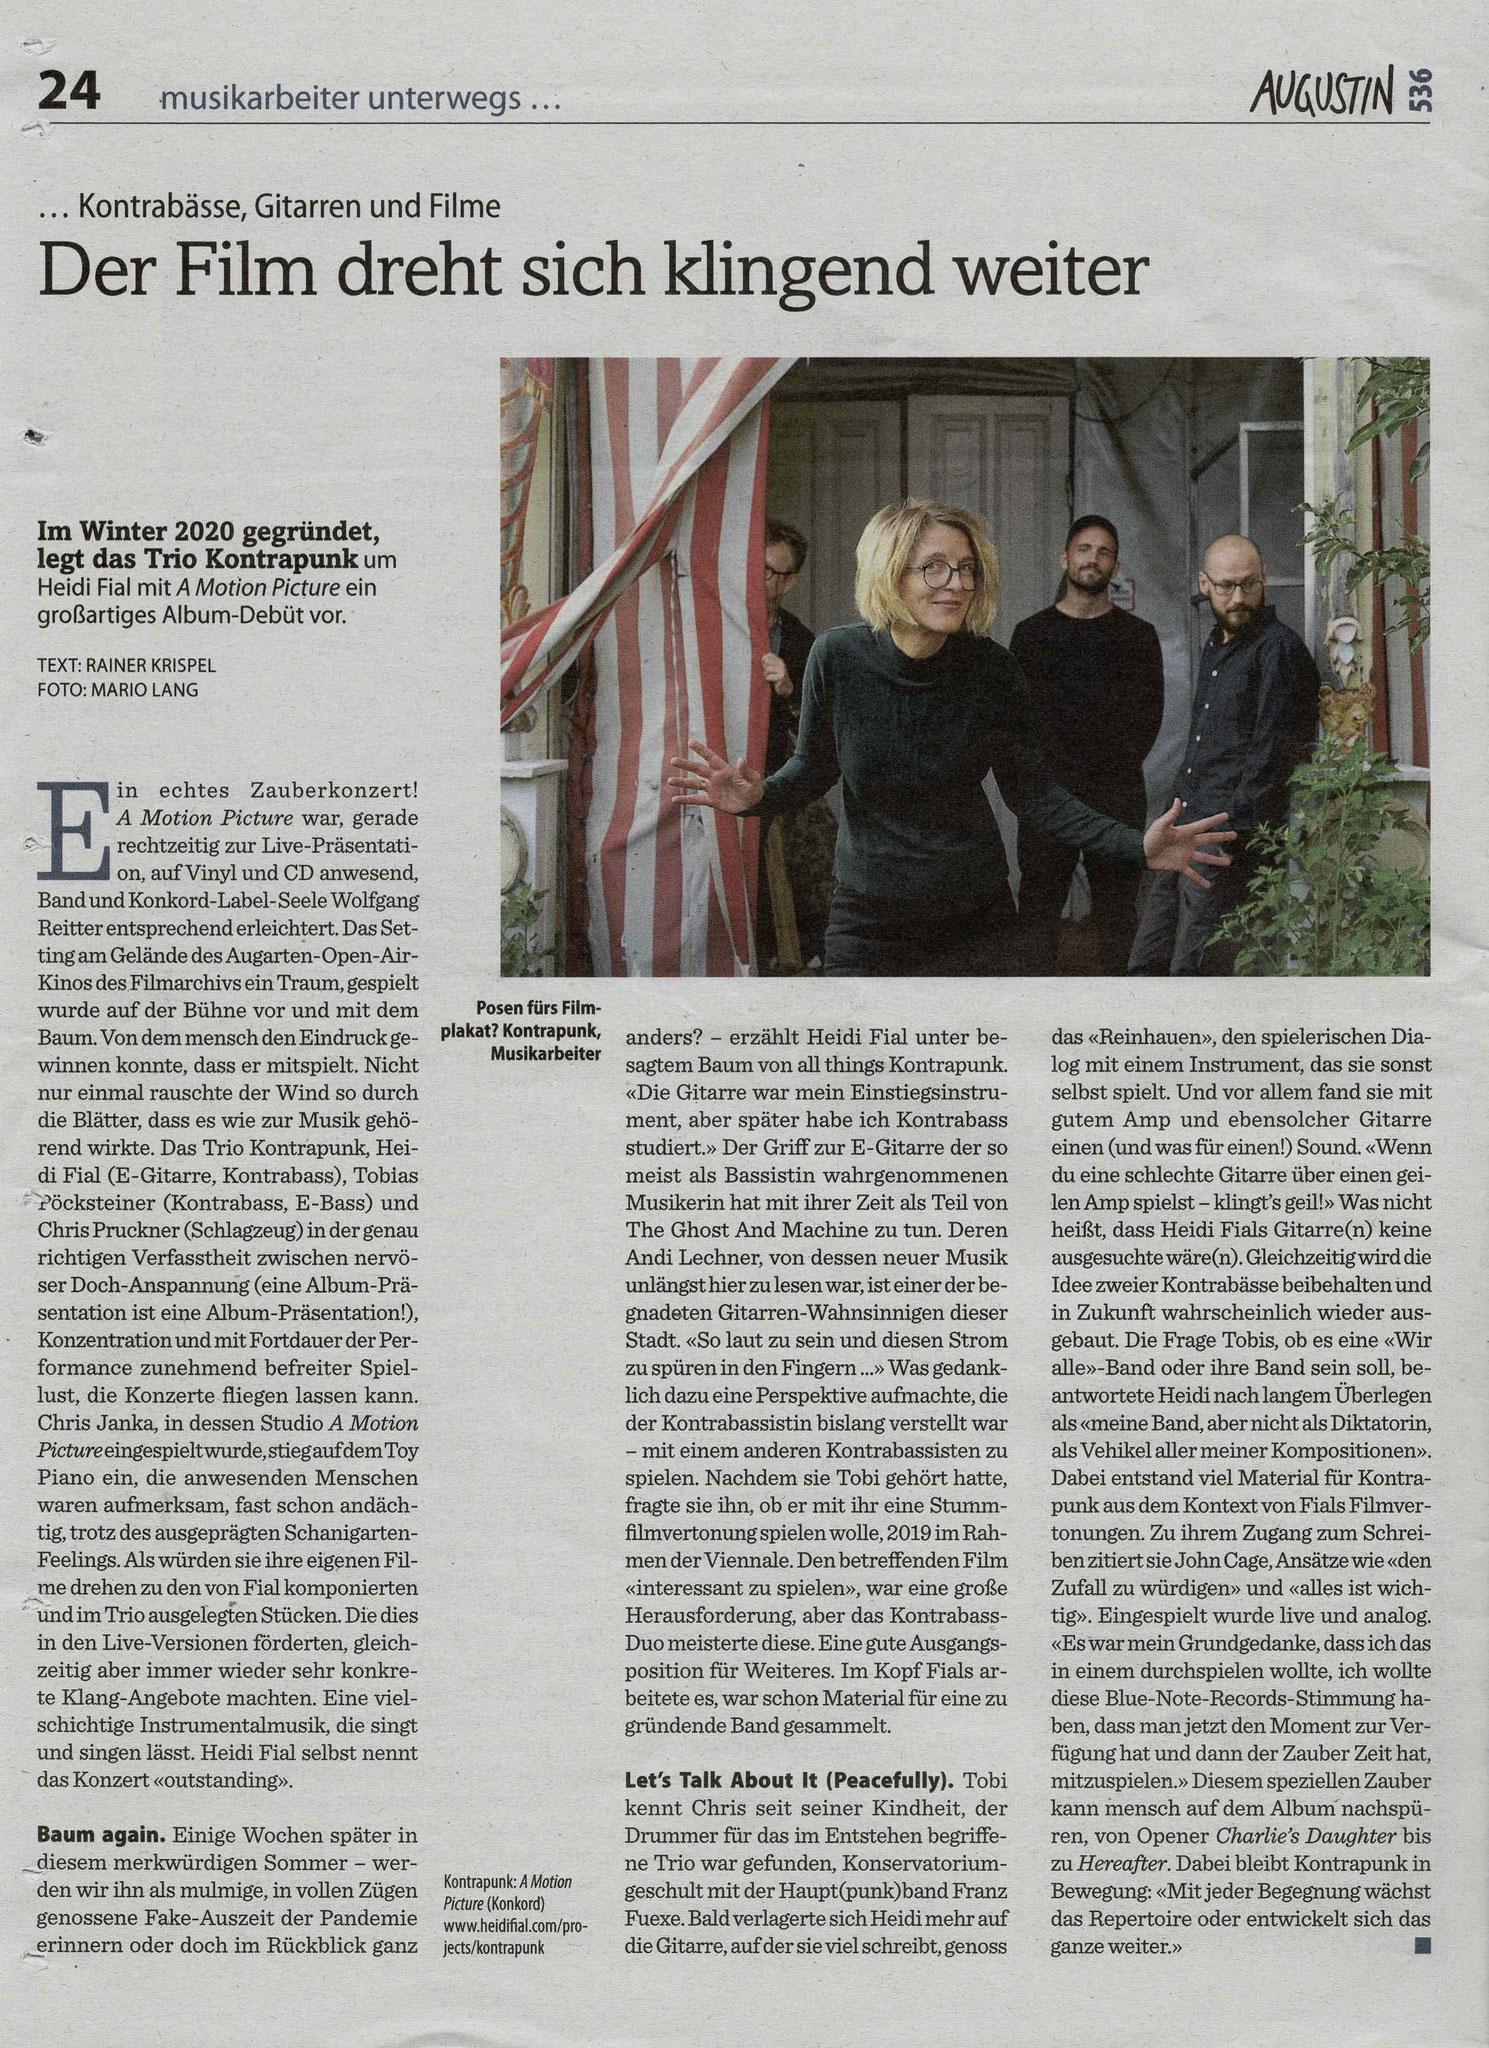 Augustin Boulevardzeitung